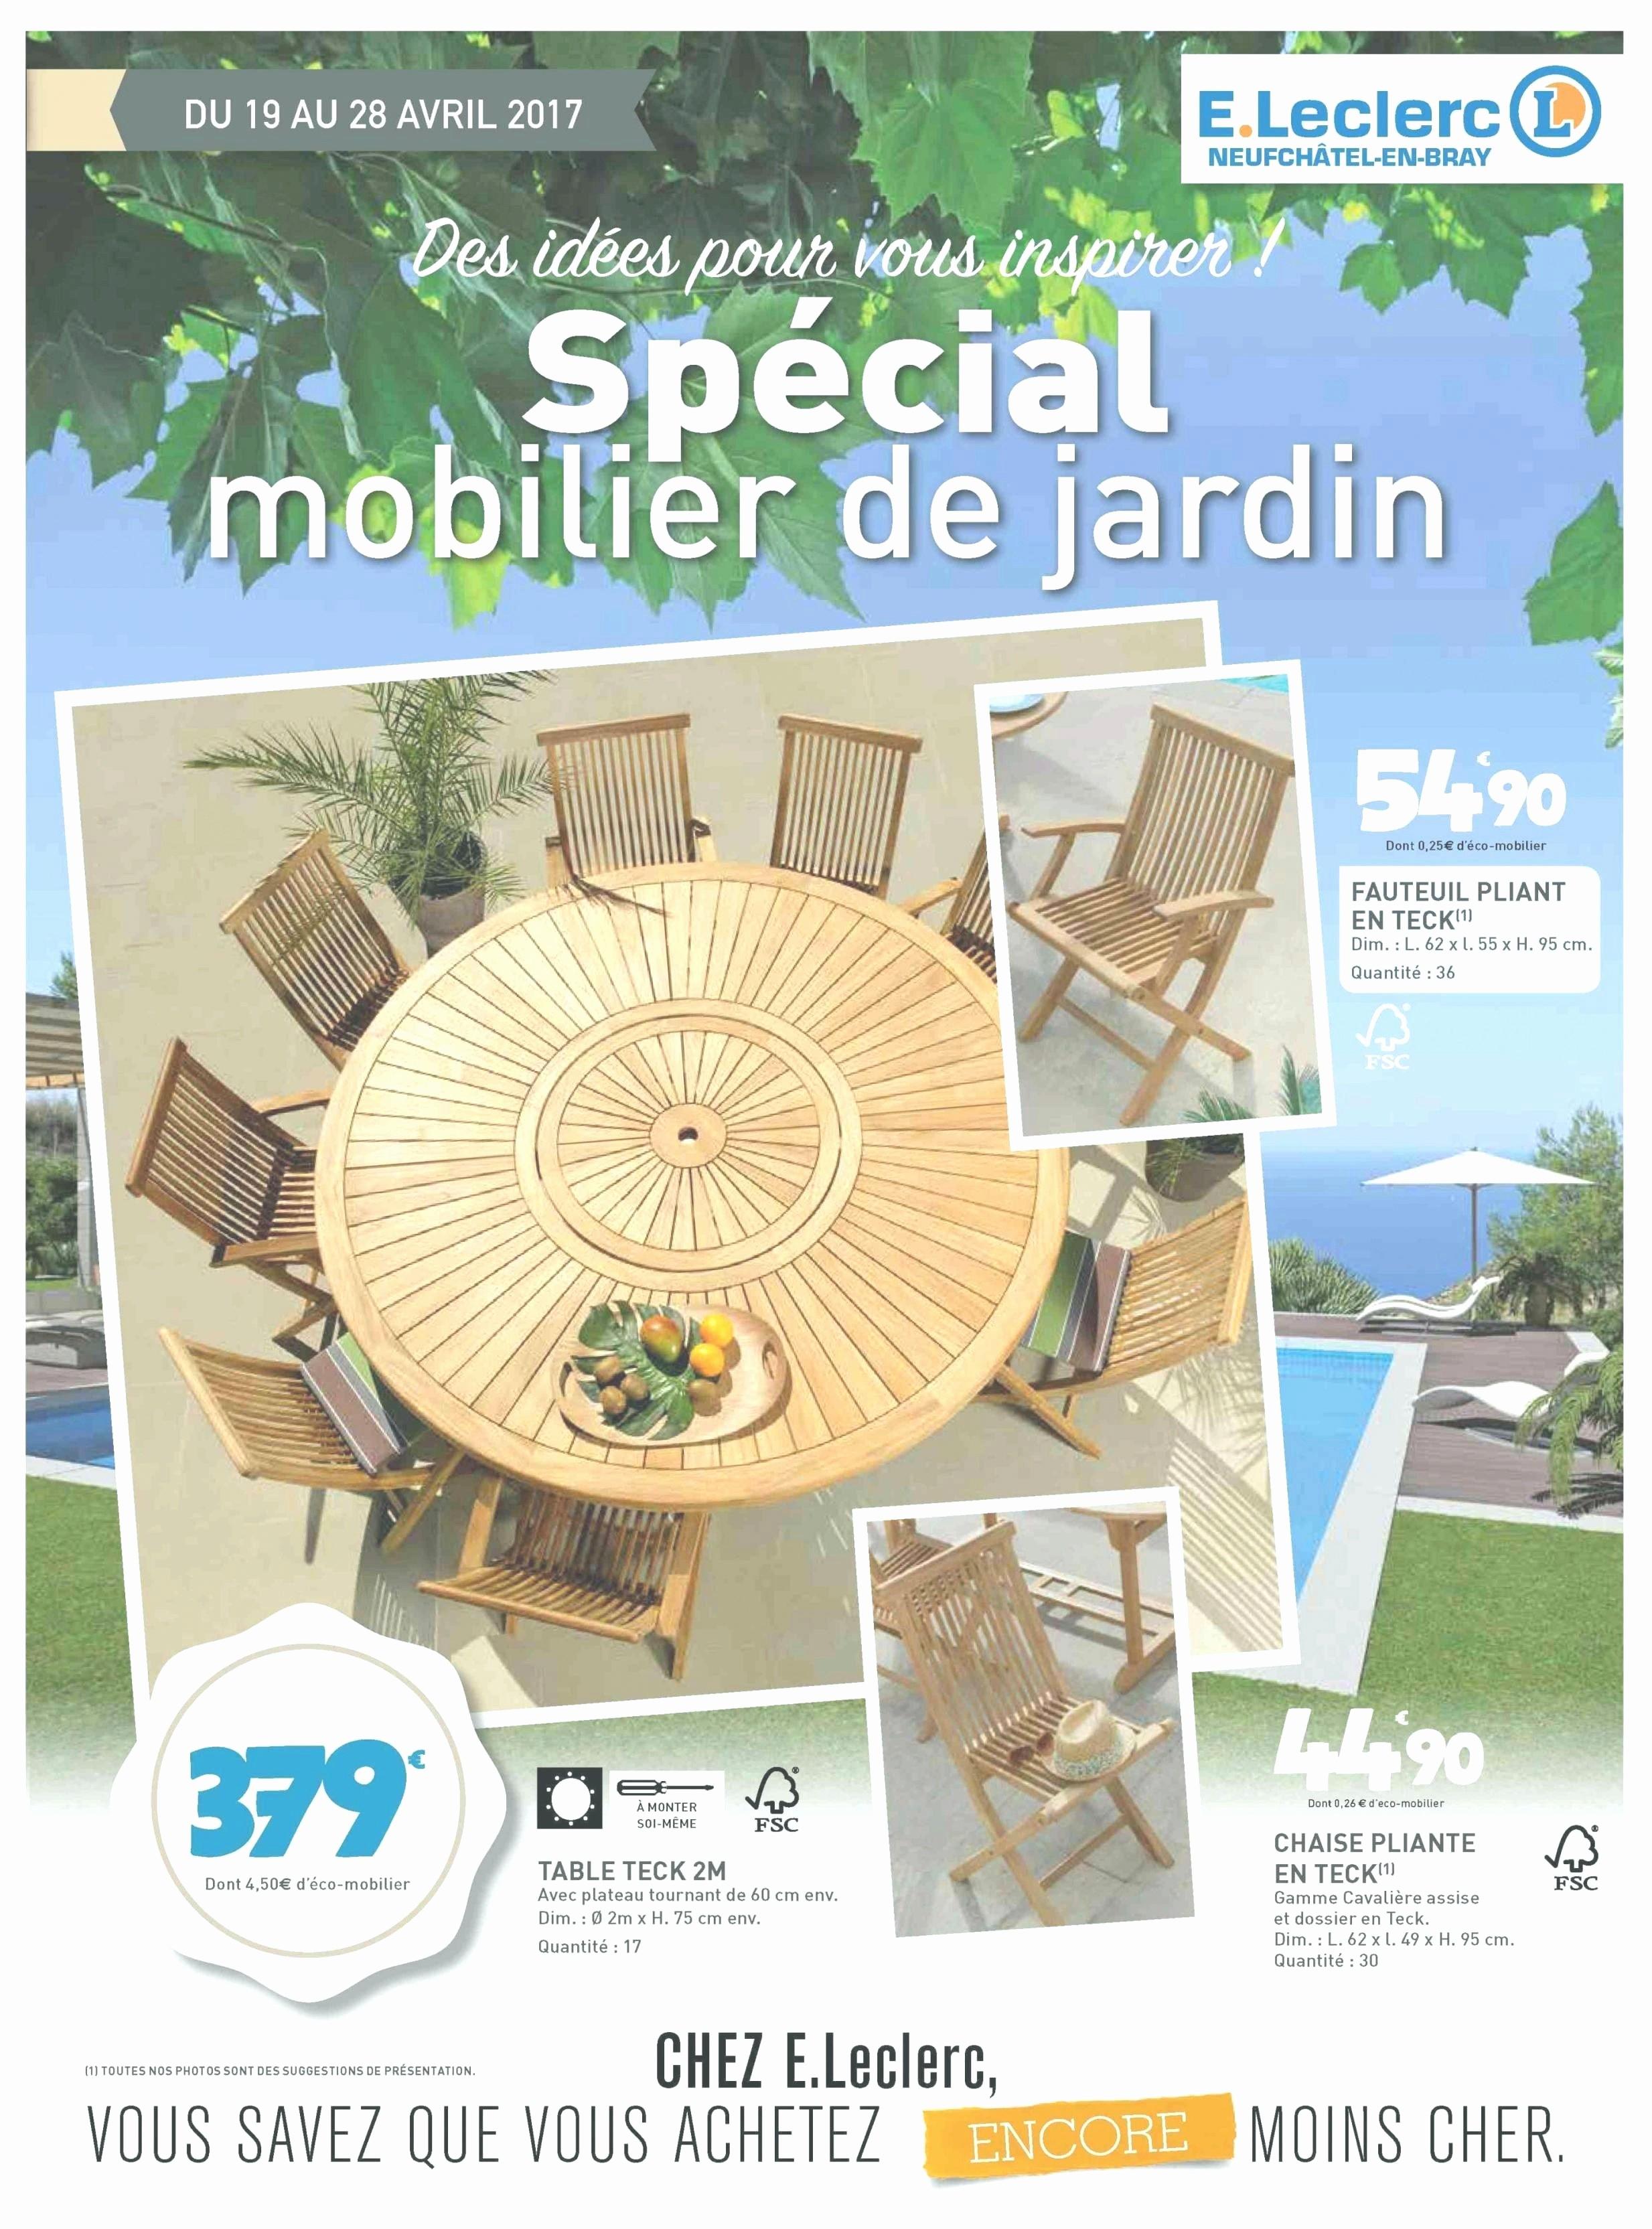 Table Et Chaises De Jardin Leclerc Nouveau Photographie Escalier Droit Brico Depot Xylophene Meuble 0d tout Sur La Maison